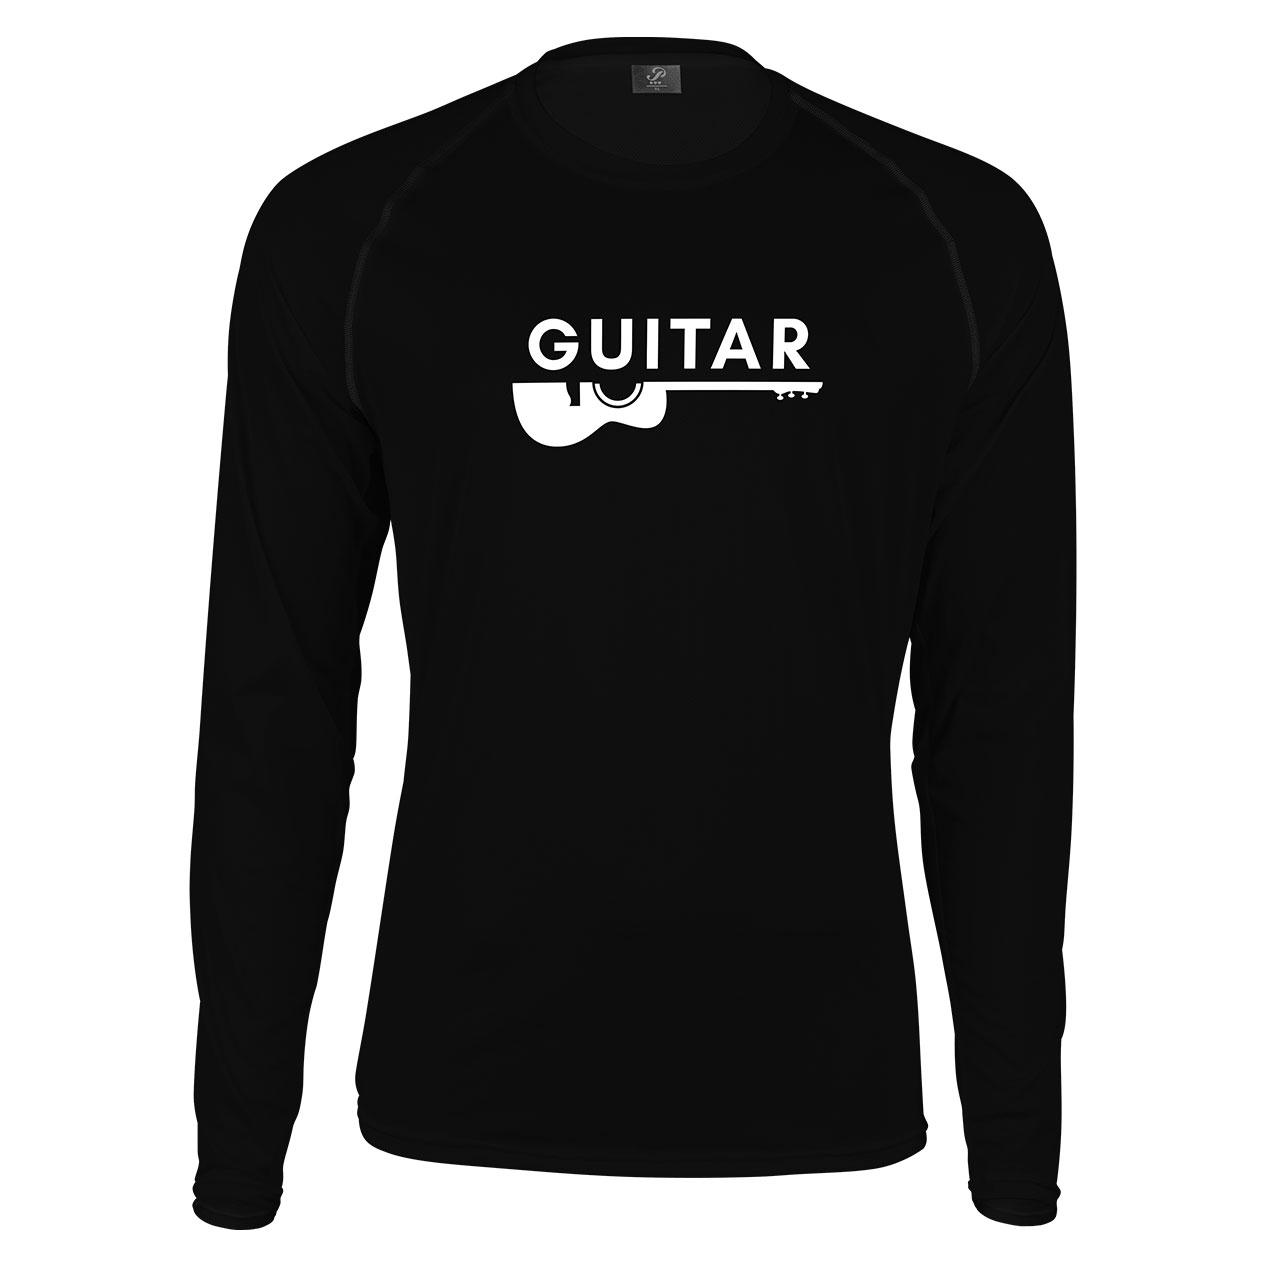 تیشرت آستین بلند پاتیلوک طرح گیتار مدل 330339